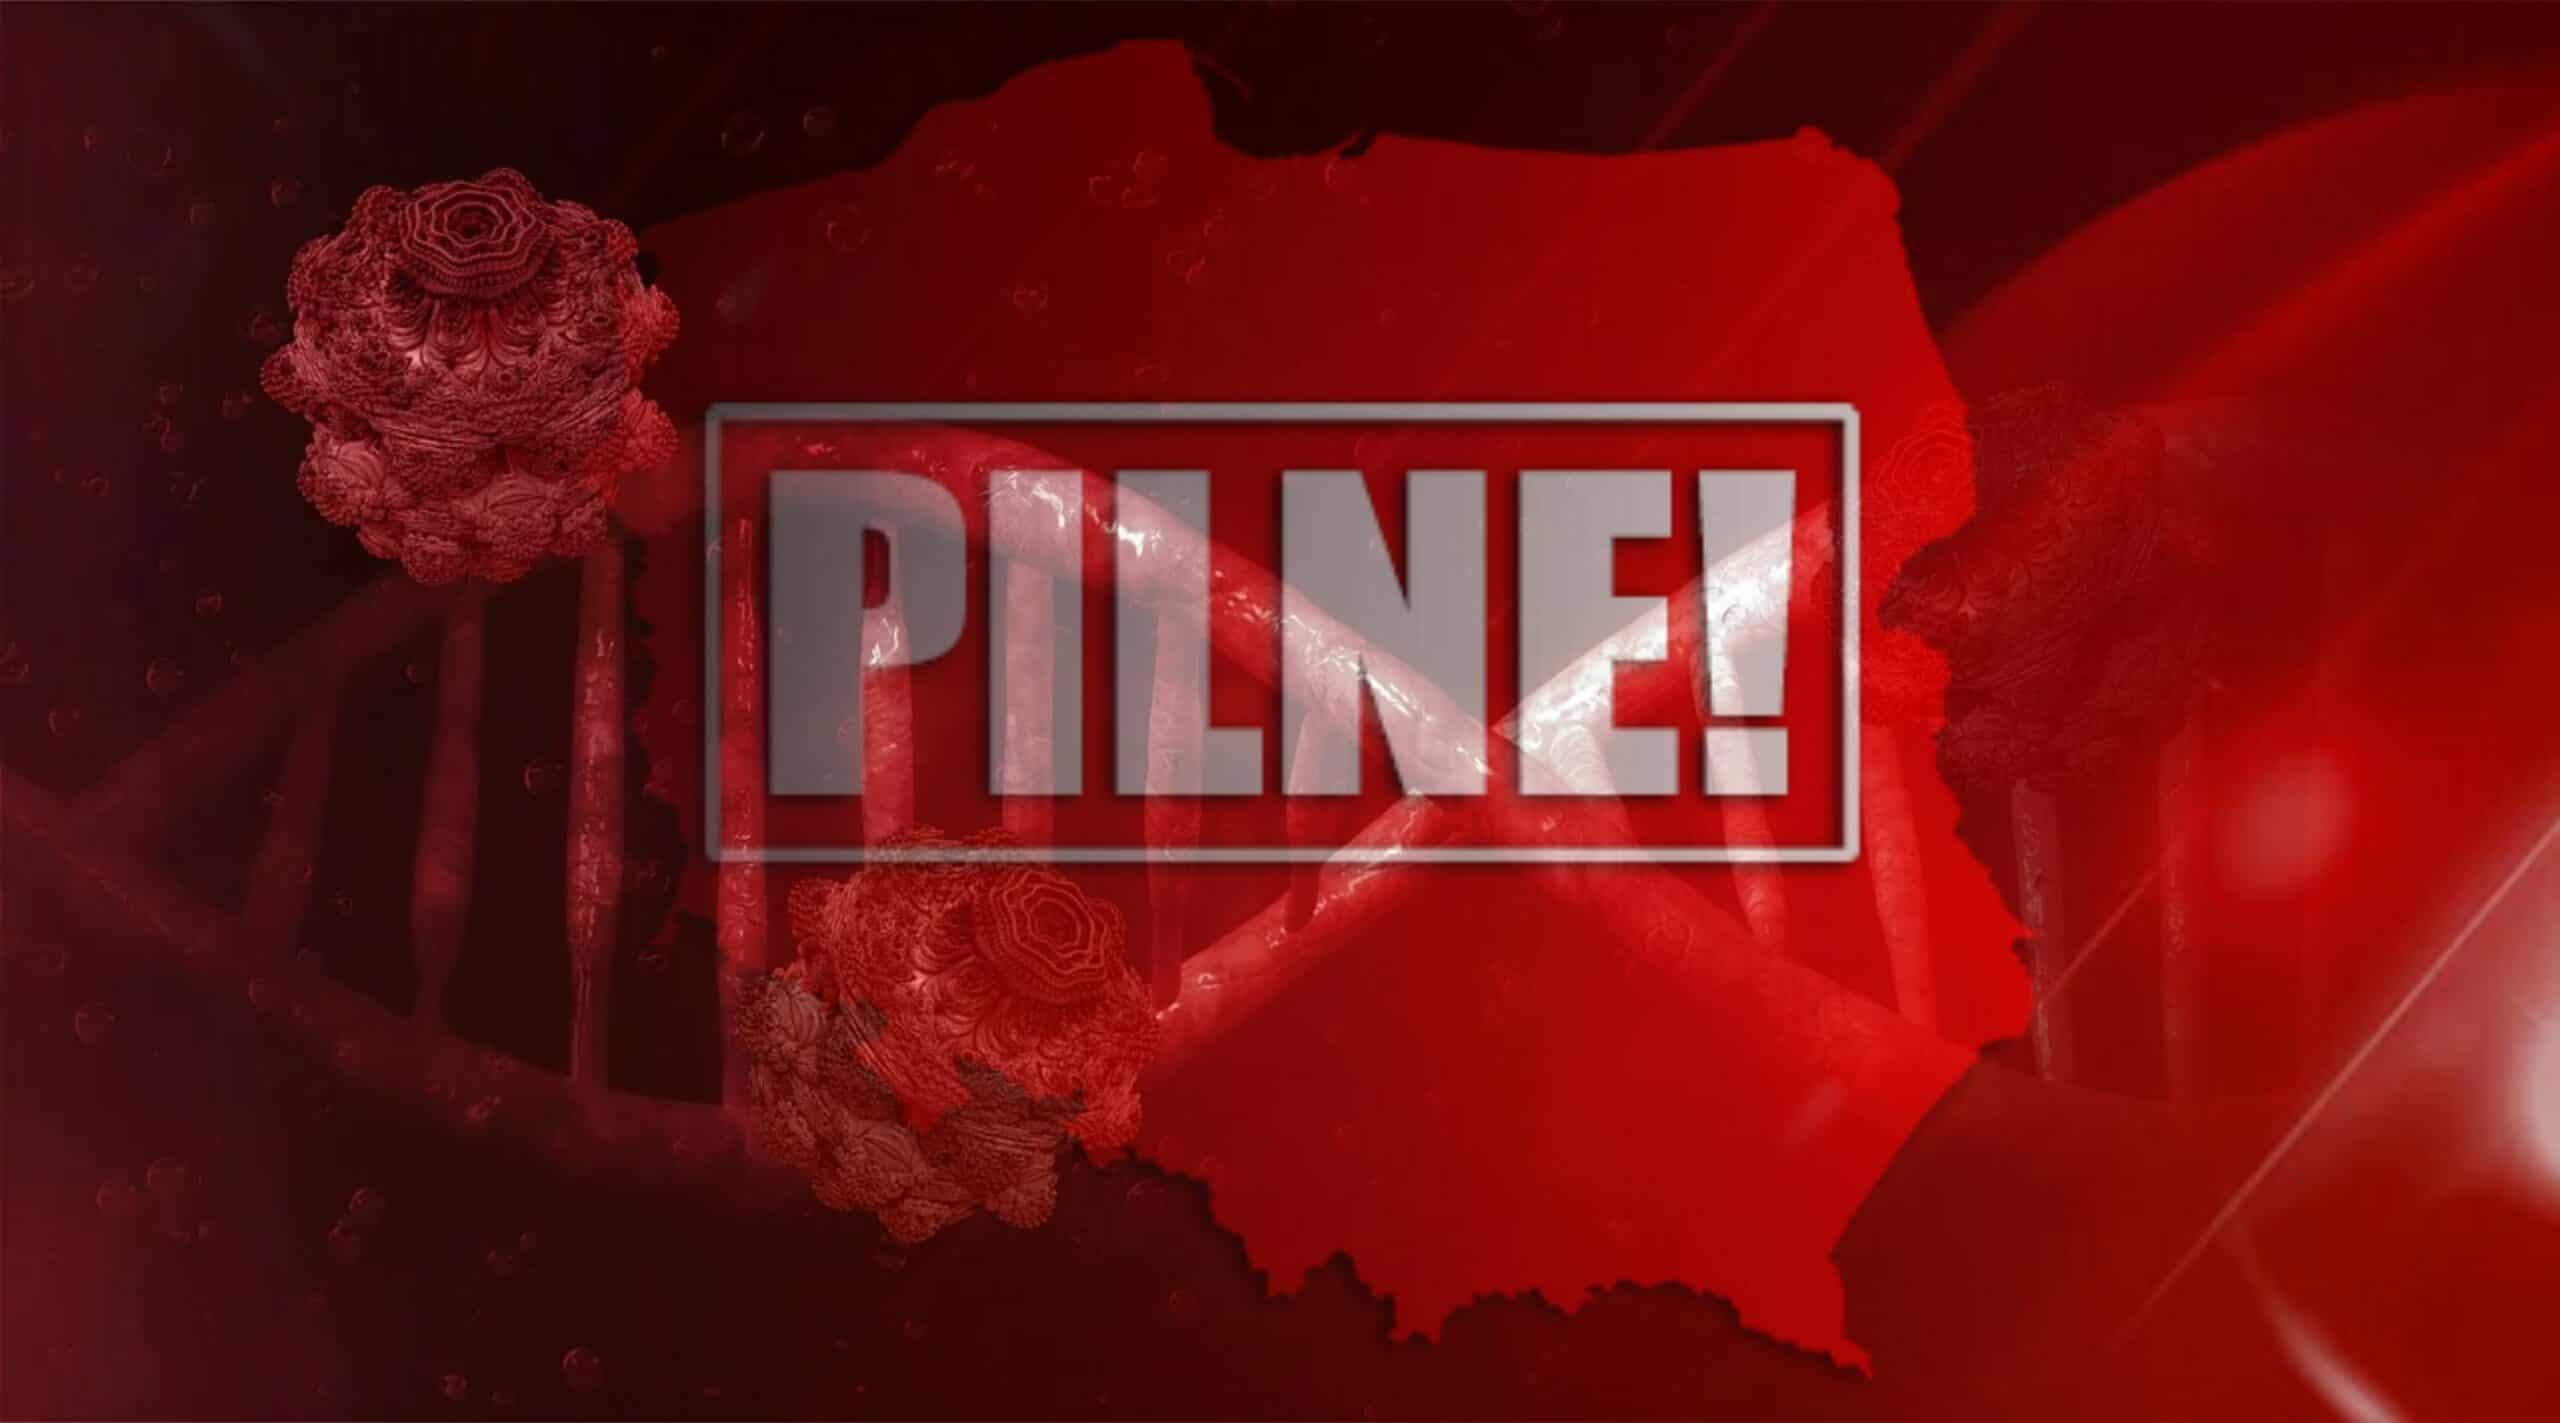 Koronawirus w Polsce: Rekordowy wzrost zachorowań, liczba zakażonych wzrosła w ciągu doby o 111 osób, zmarłych jest 5 osób, wprowadzono stan epidemii